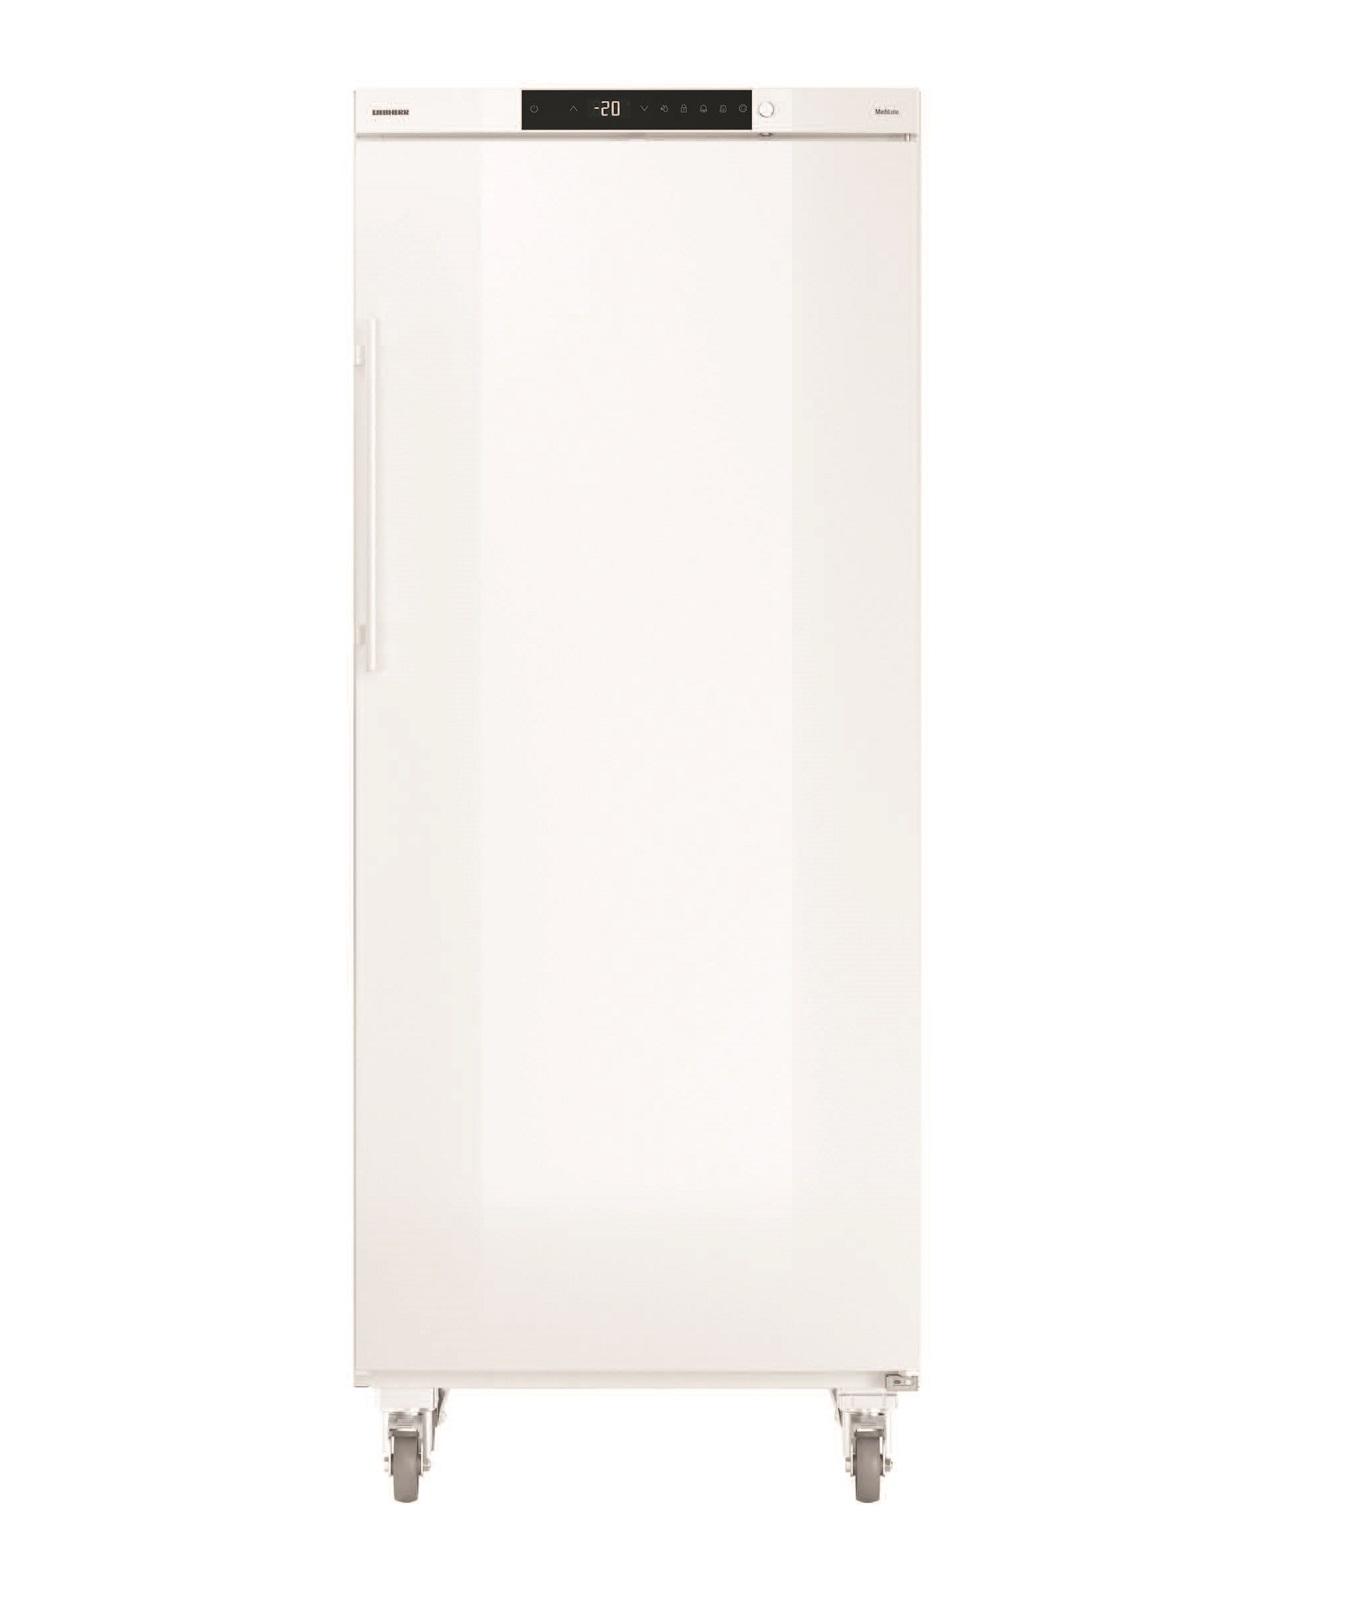 купить Лабораторный морозильный шкаф  Liebherr LGv 5010 Украина фото 3